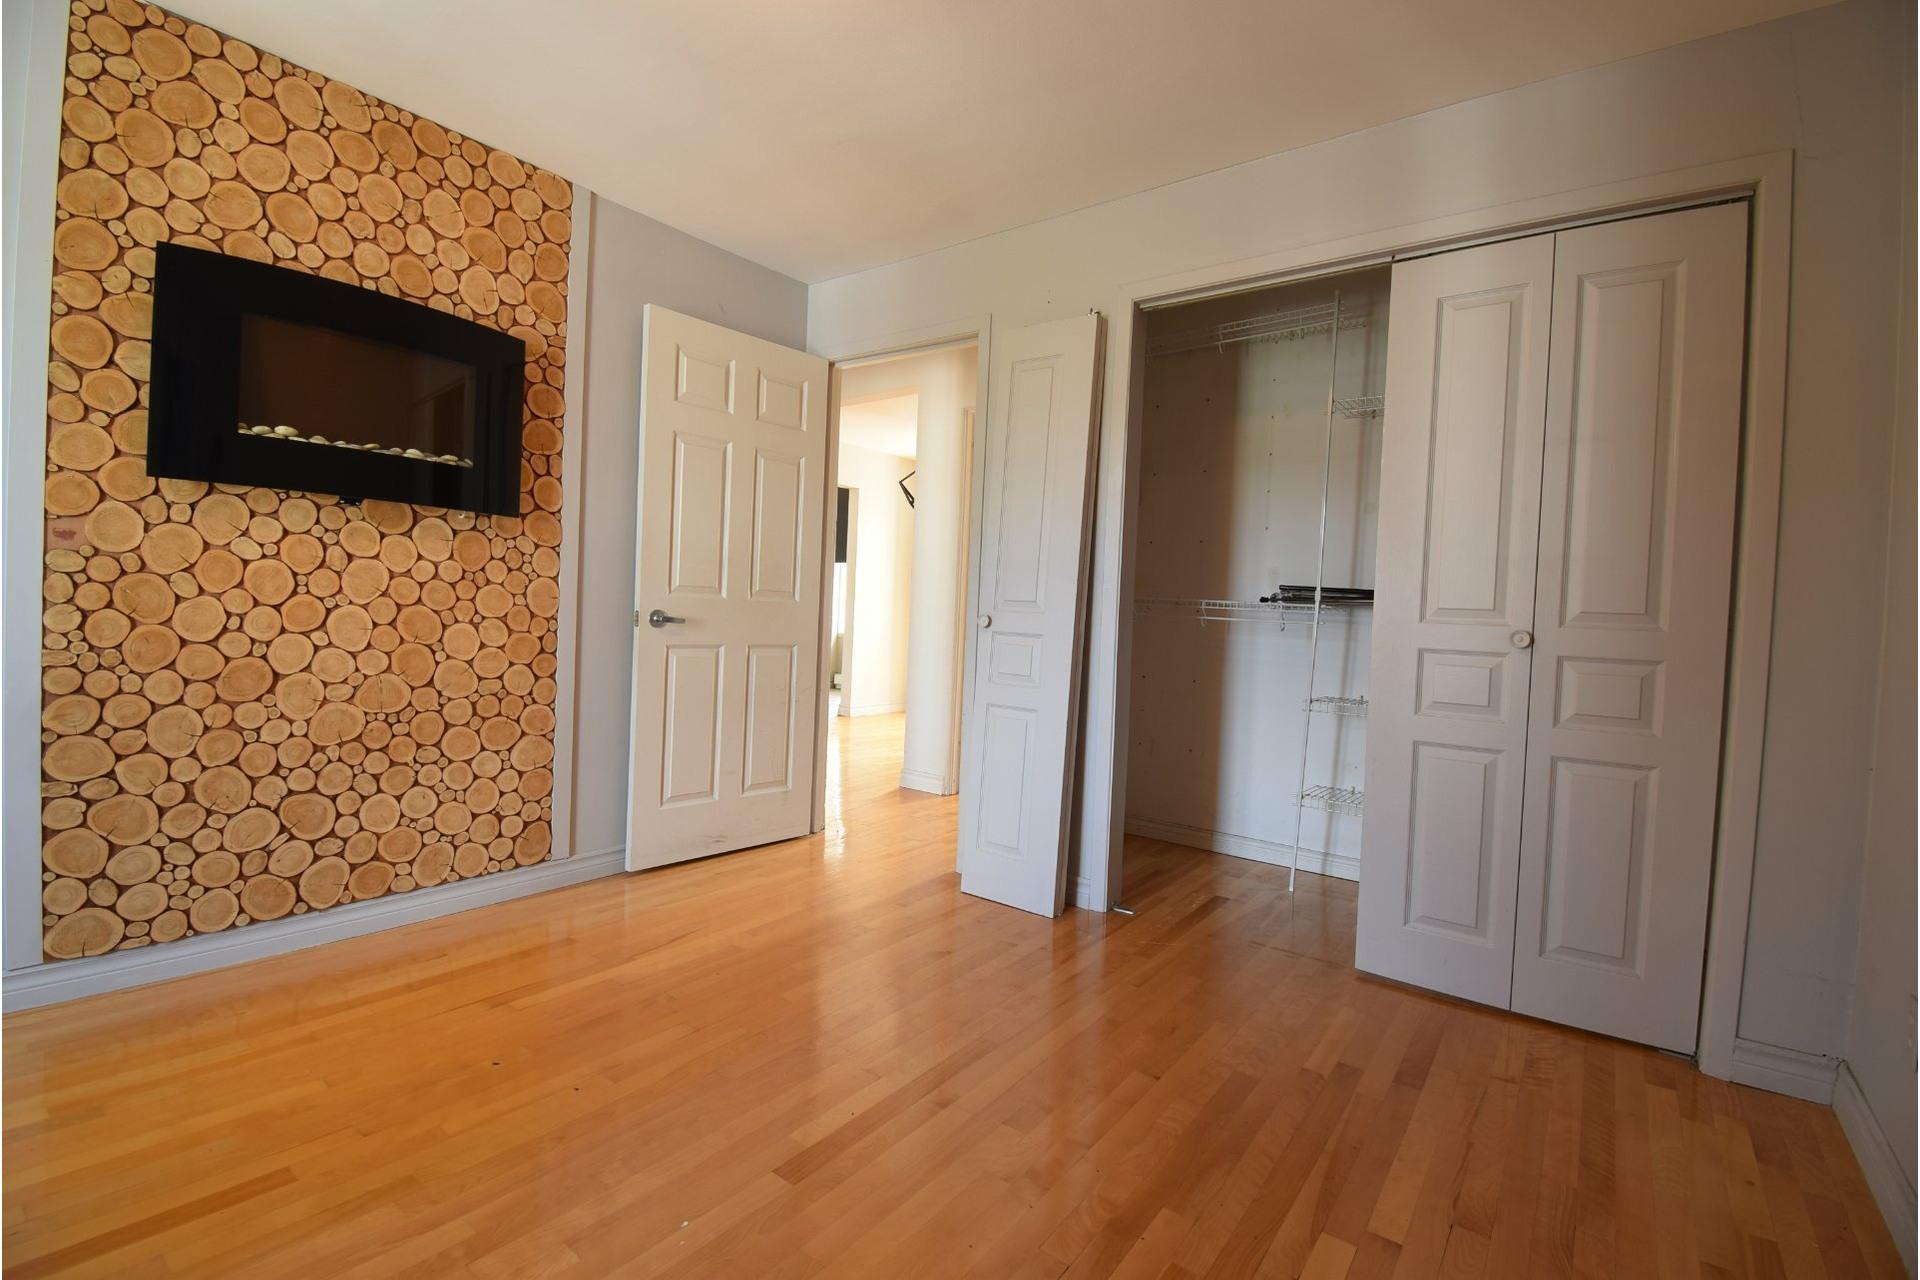 image 29 - Duplex À vendre Trois-Rivières - 4 pièces